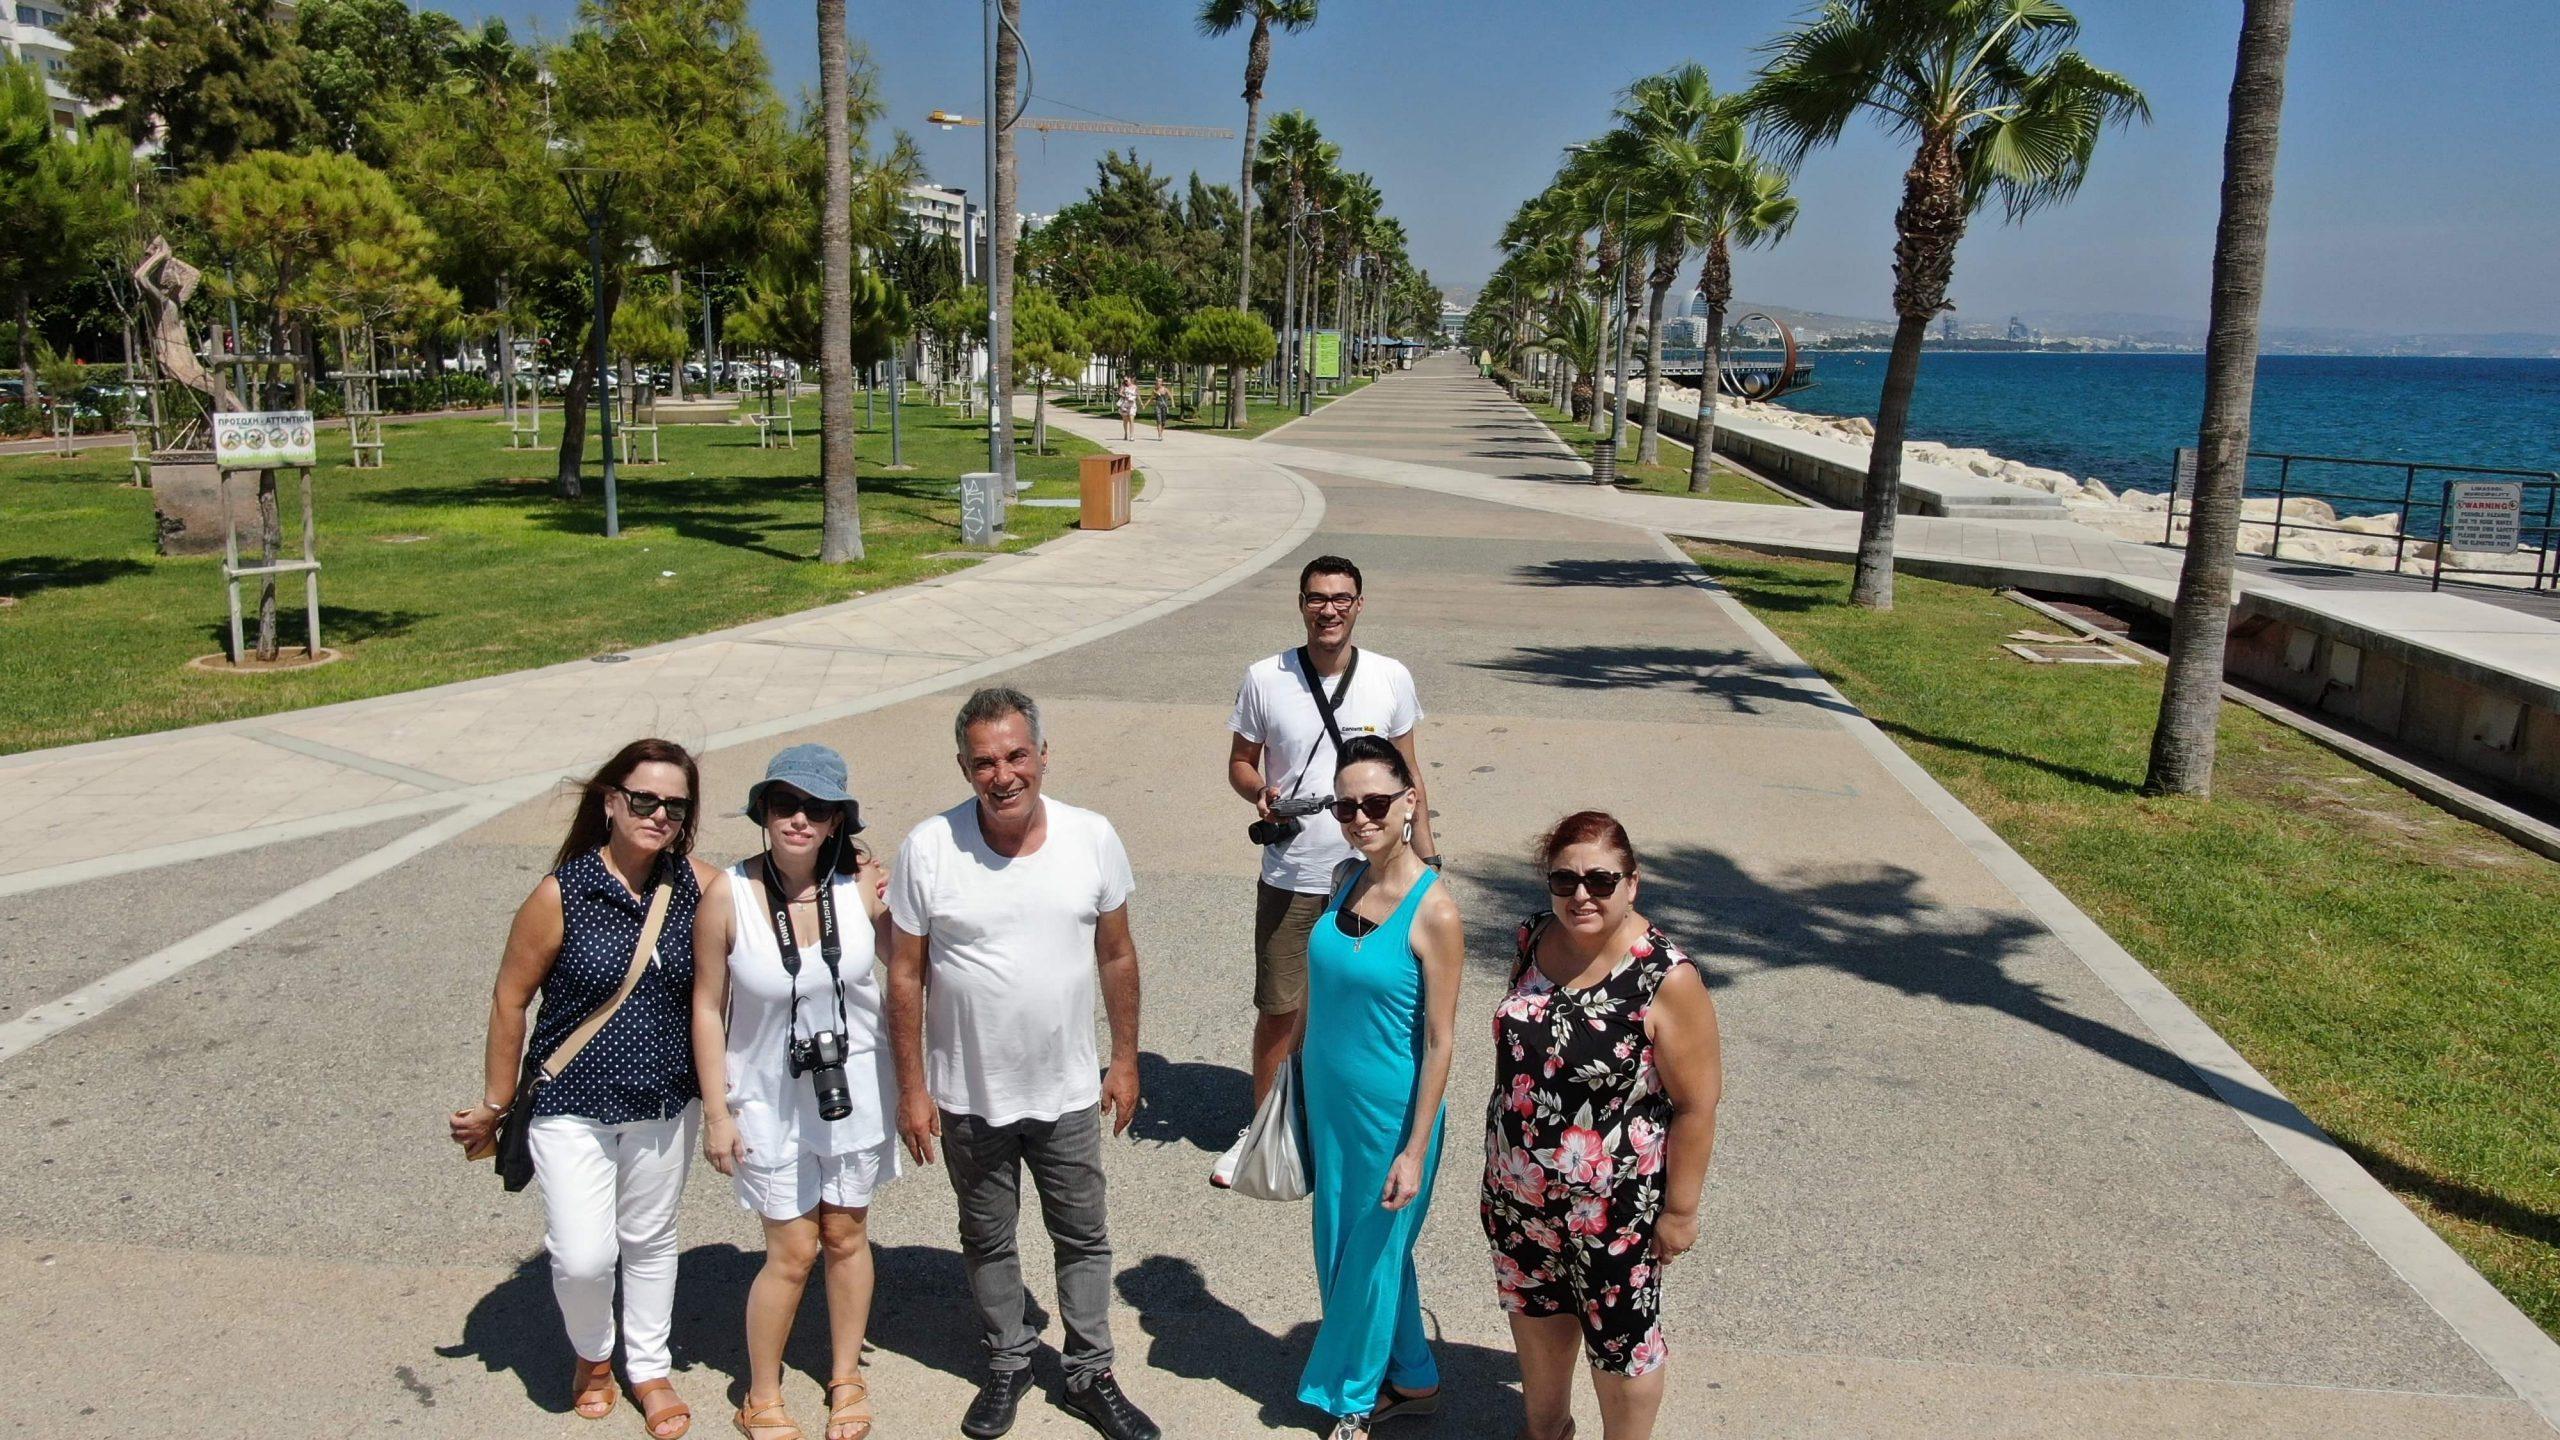 Το νέο τραγούδι του Παντελή Θαλασσινού είναι Κυπριακής παραγωγής (ΒΙΝΤΕΟ)